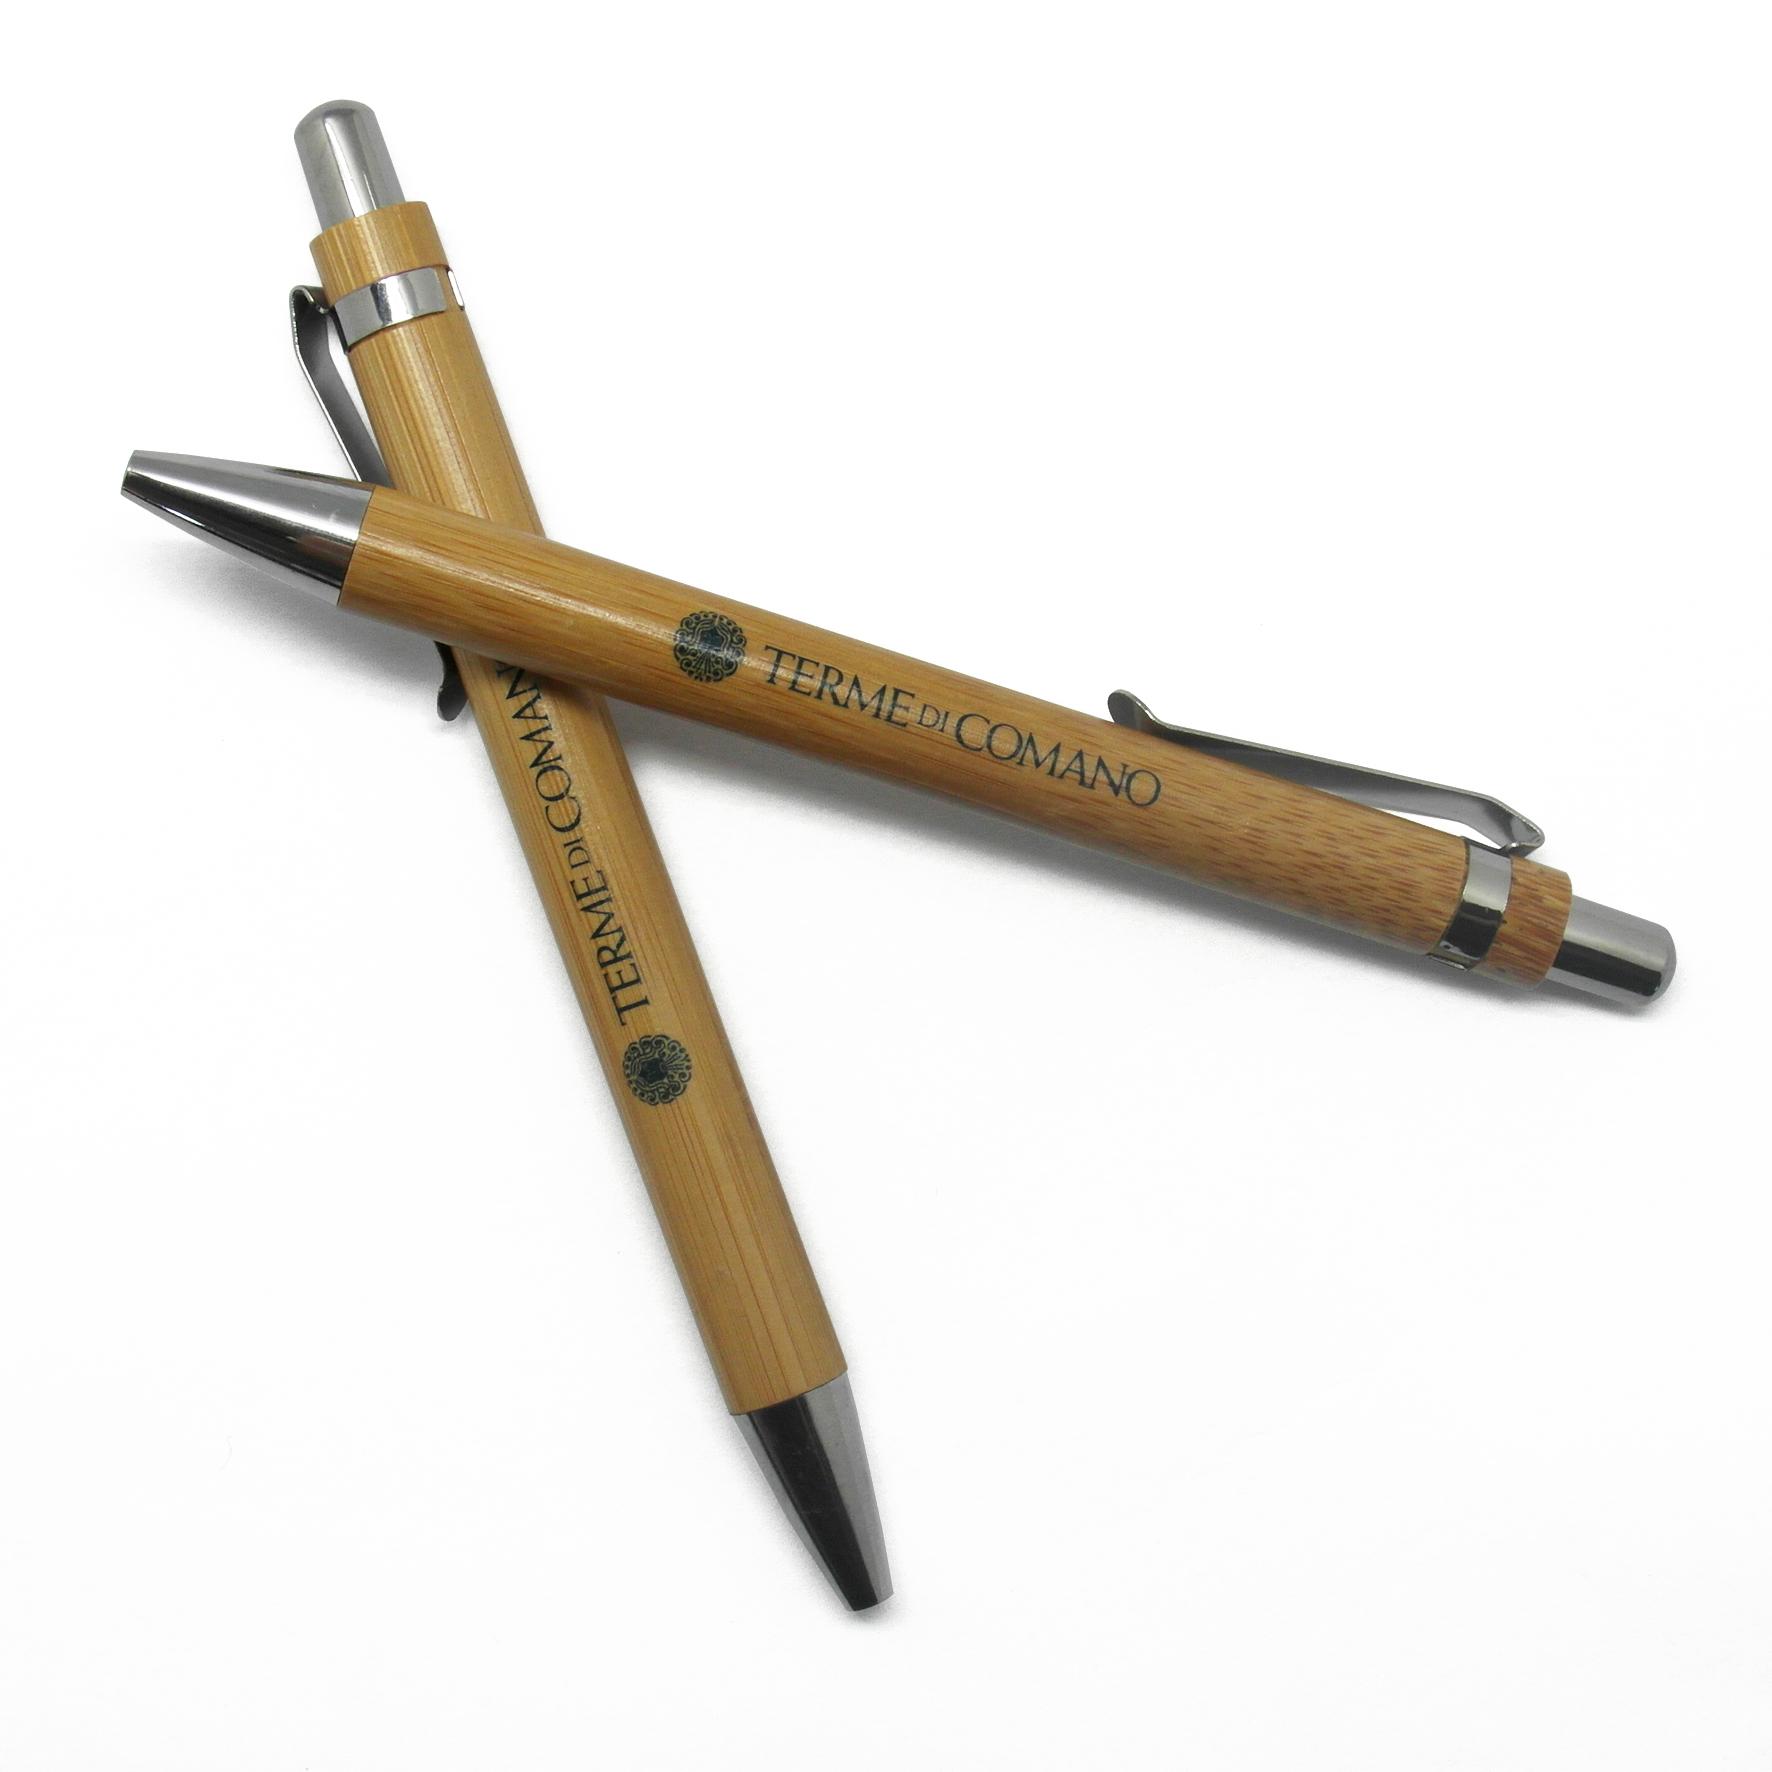 penne-bamboo-terme-di-comano